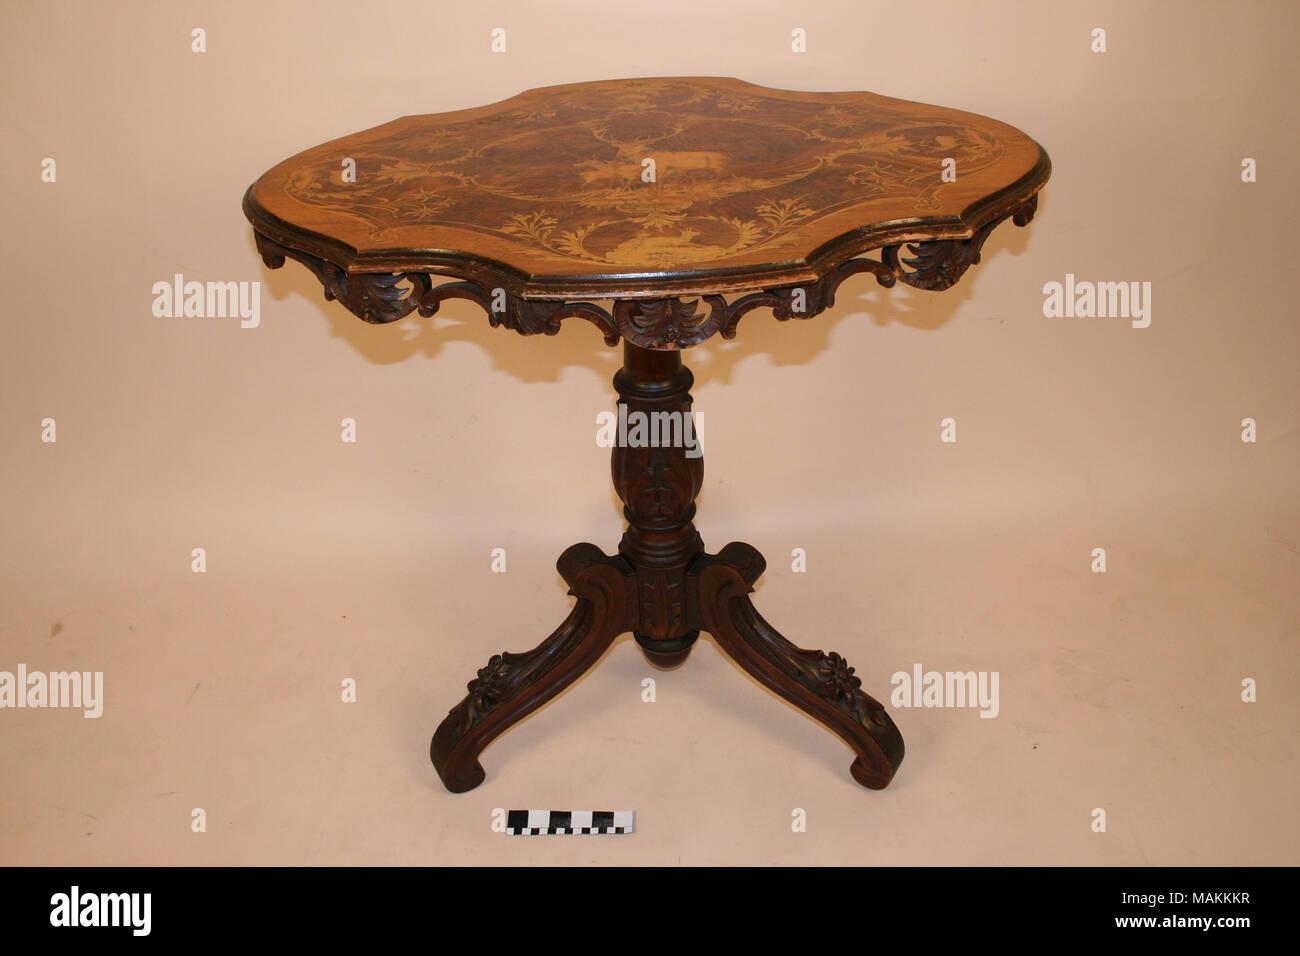 Oval Tilt Top Inlaid Table From Worldu0027s Fair Title: Oval Tilt Top Table  From Worldu0027s